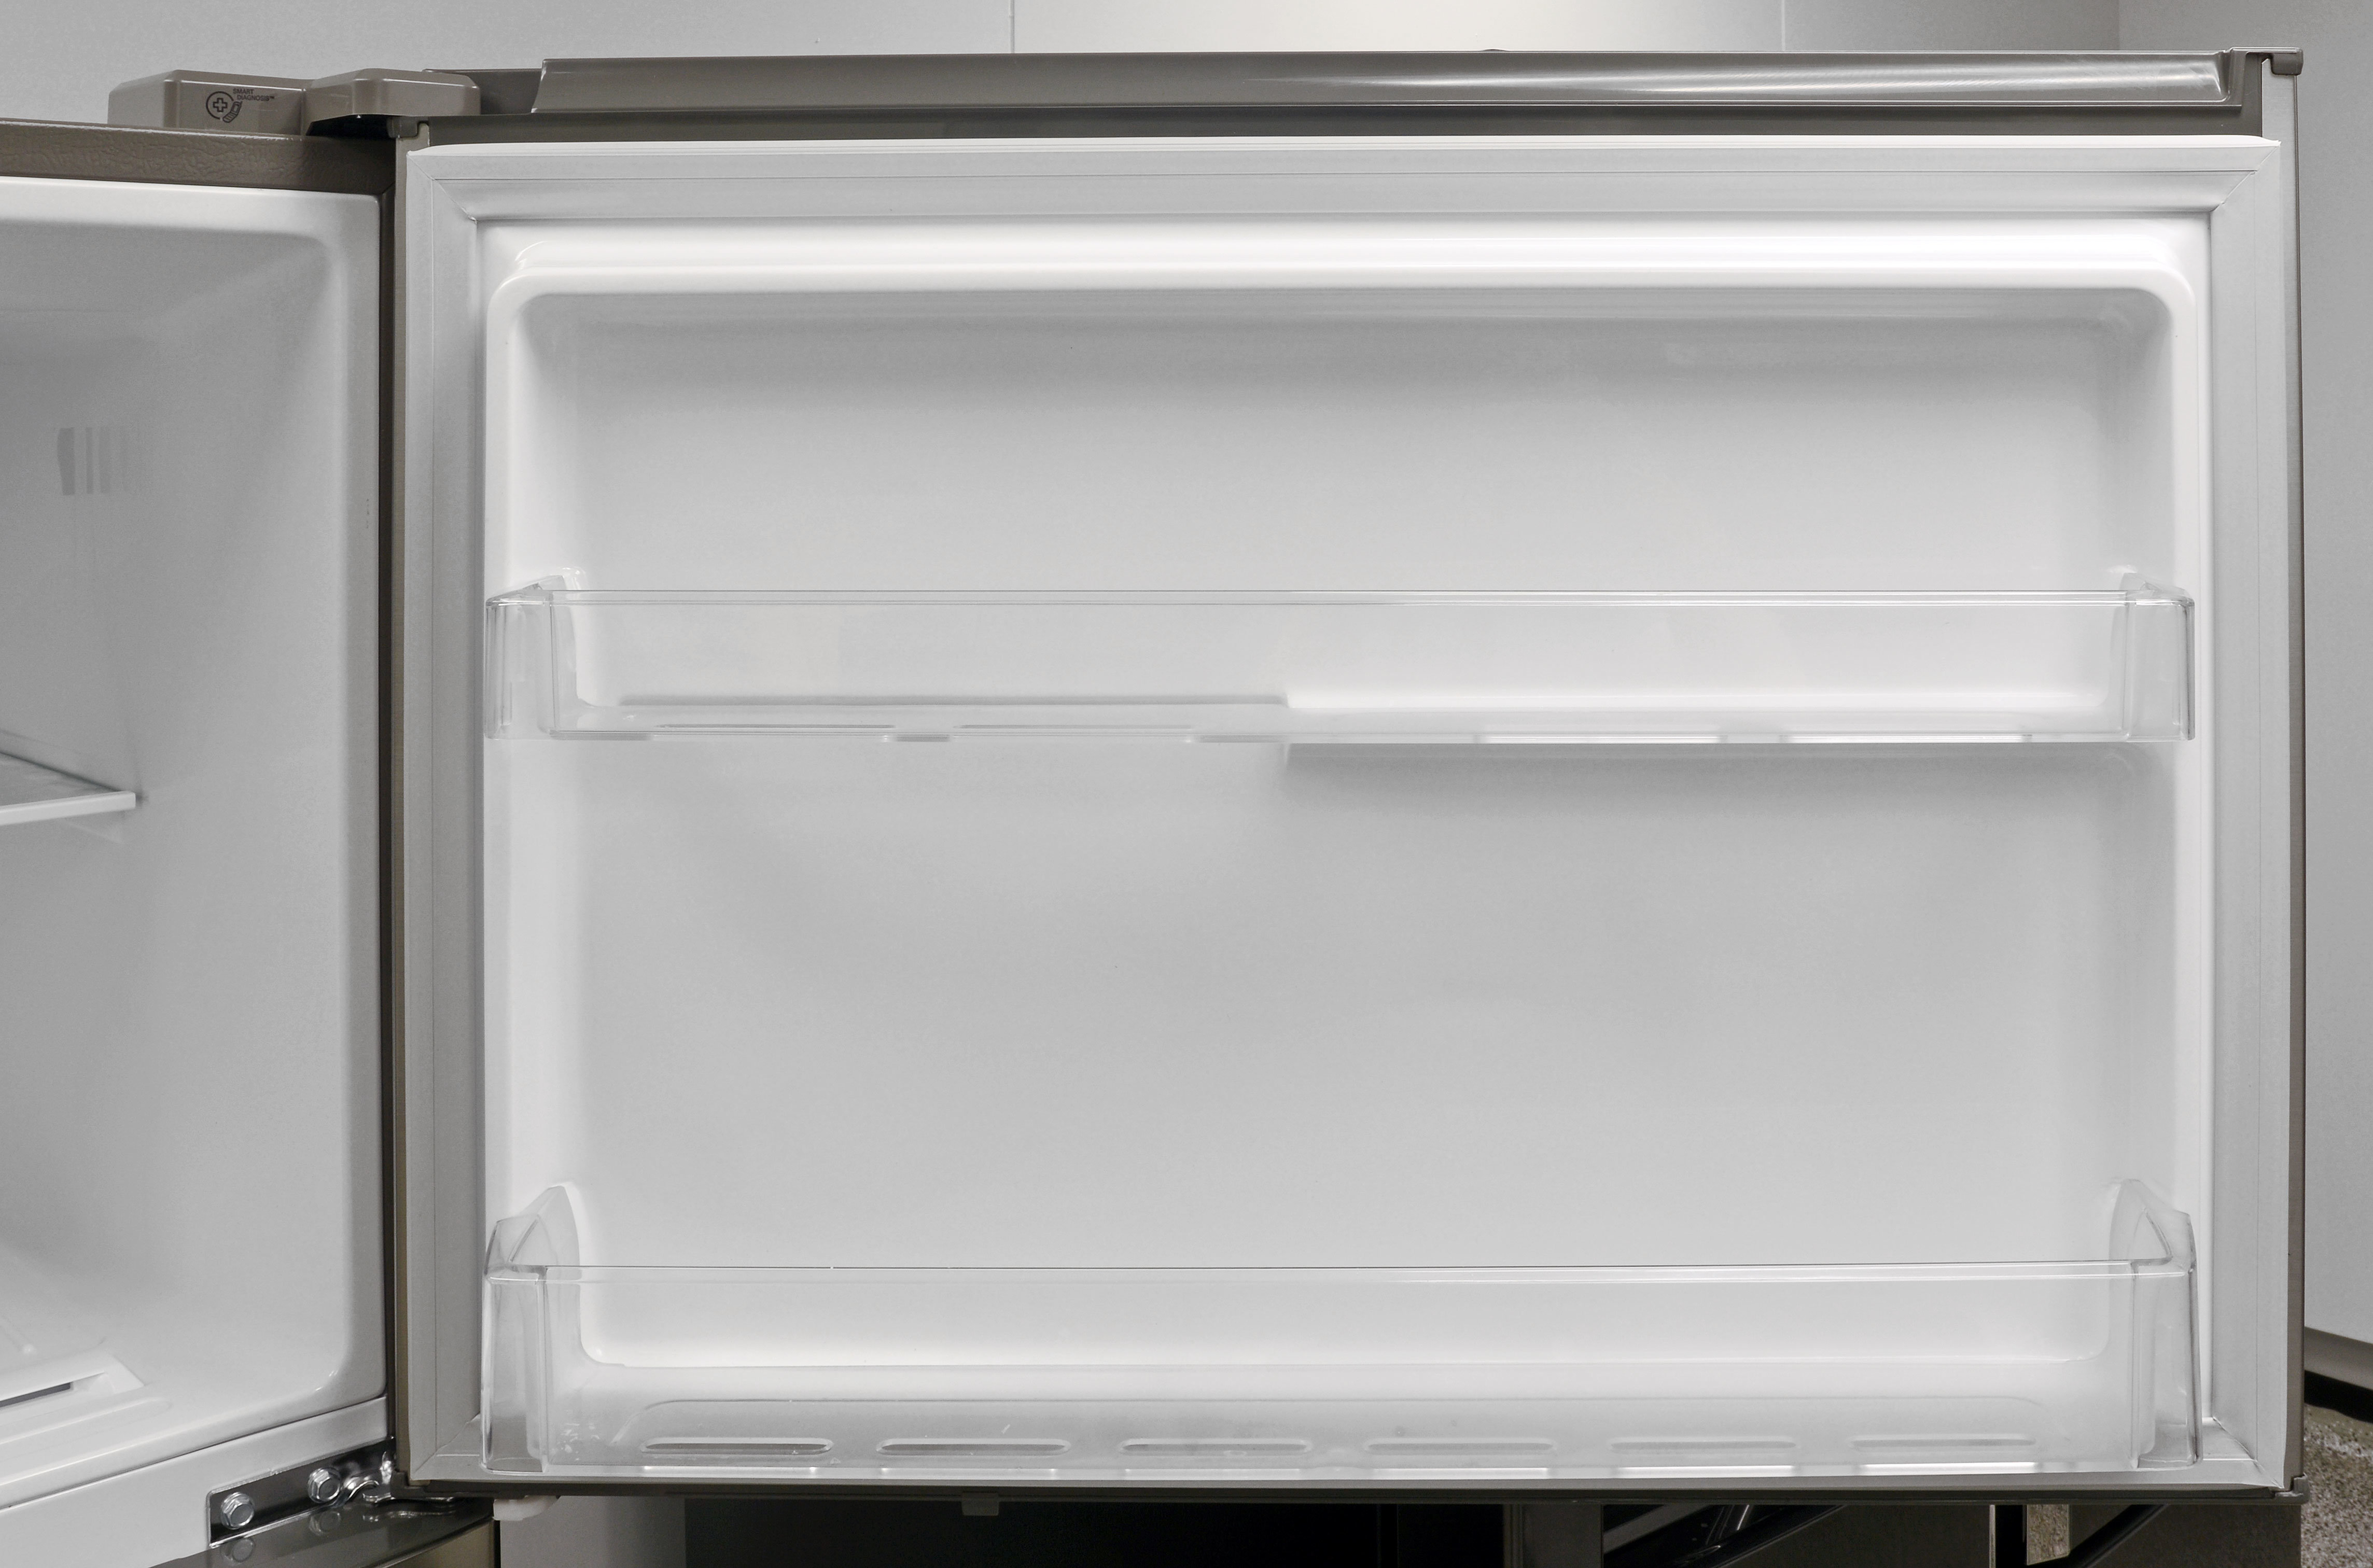 Just two basic, shallow door shelves for the LG LTNS16121V's freezer.